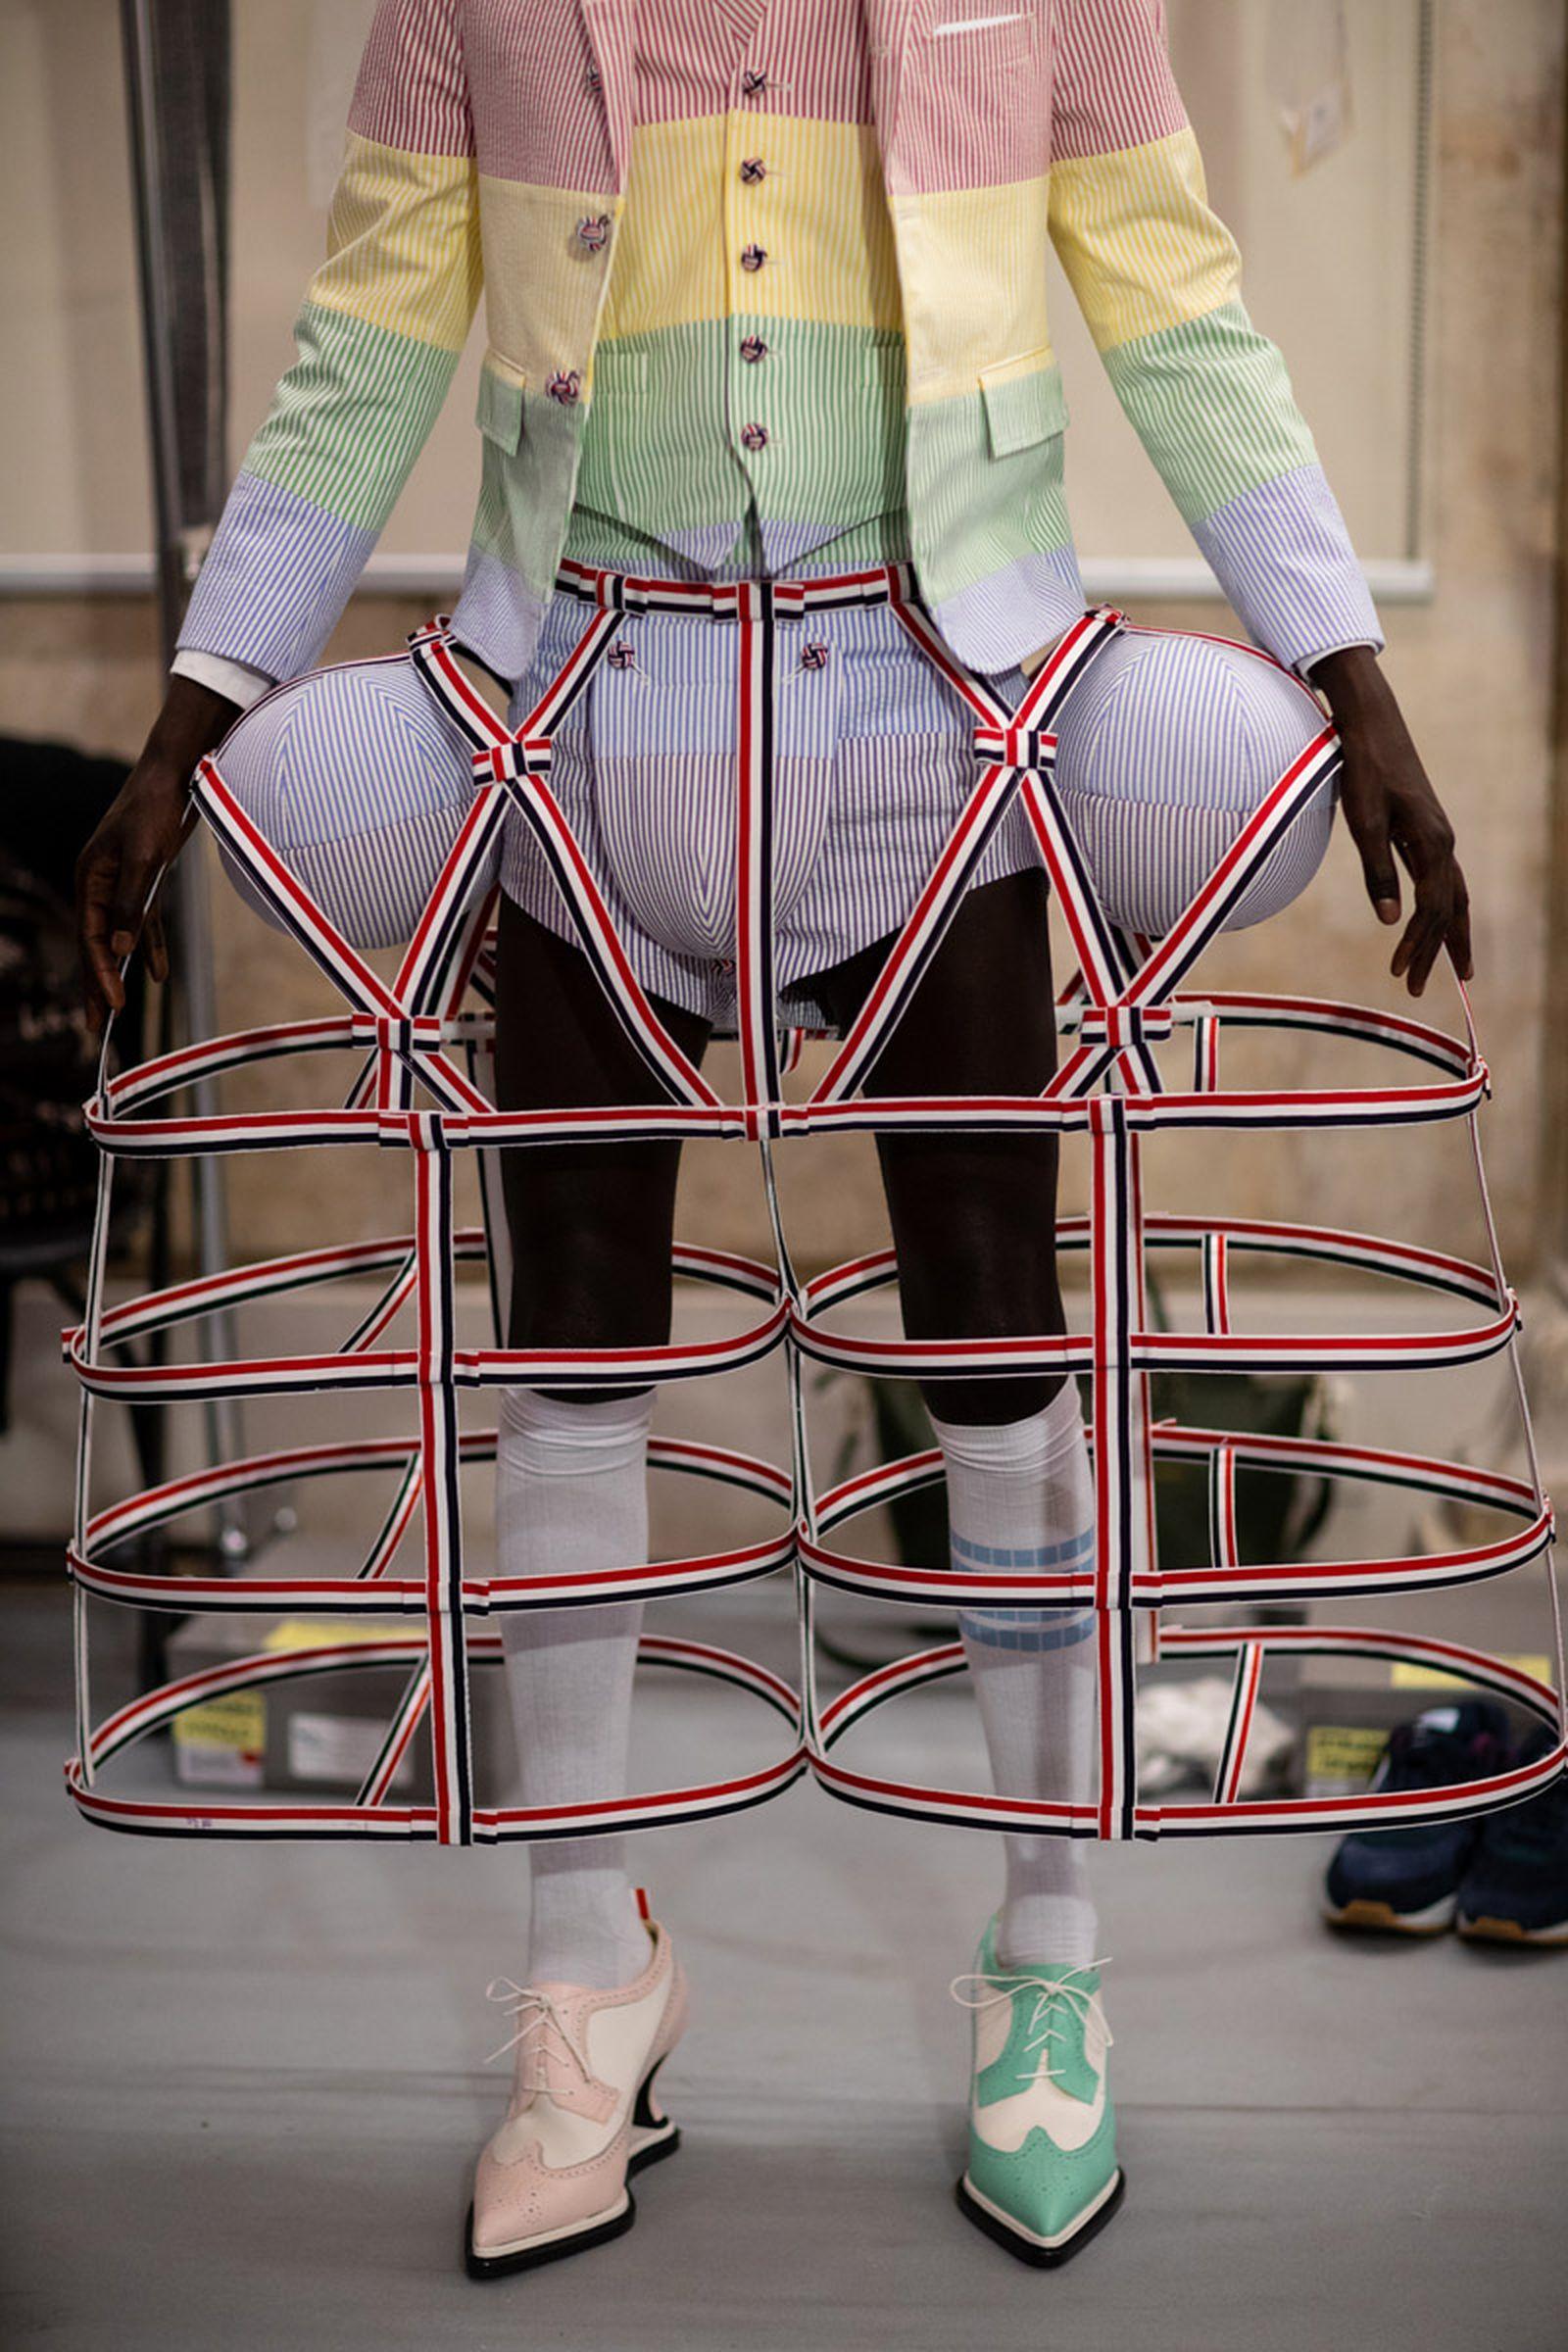 MSS20 Paris Thom Browne Eva Al Desnudo For web 03 paris fashion week runway